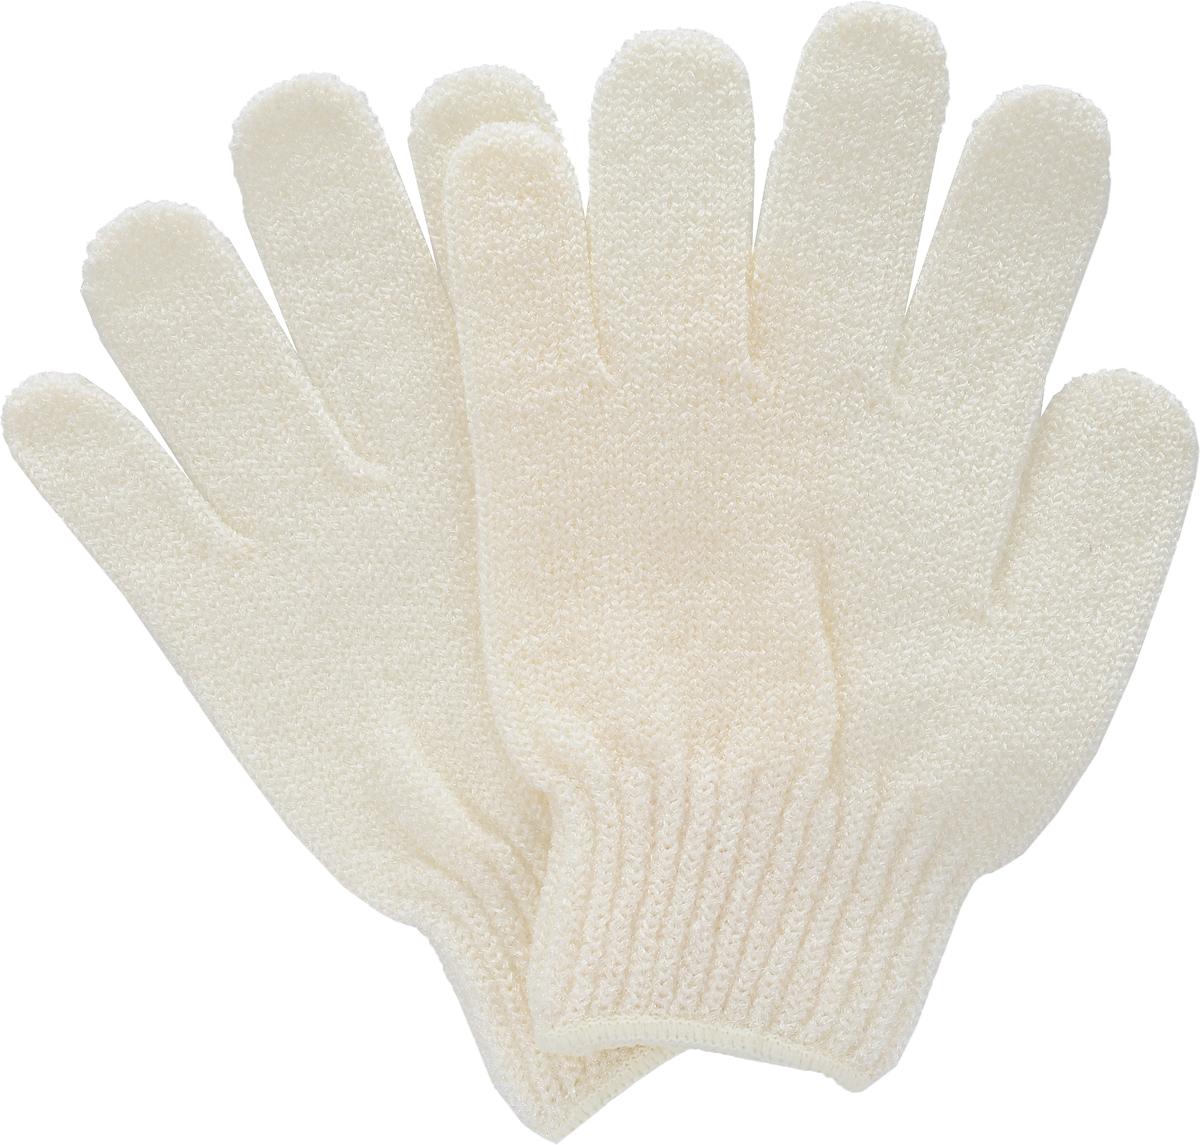 Перчатки для пилинга Riffi, цвет: молочный615_молочныйЭластичные безразмерные перчатки Riffi обладают активным антицеллюлитным эффектом и отличным пилинговым действием, тонизируя, массируя и эффективно очищая вашу кожу. Перчатки Riffi освобождает кожу от отмерших клеток, стимулирует регенерацию. Эффективно предупреждают образование целлюлита и обеспечивают омолаживающий эффект. Кожа становится гладкой, упругой и лучше готовой к принятию косметических средств. Интенсивный и пощипывающий свежий массаж тела с применением перчаток Riffi стимулирует кровообращение, активирует кровоснабжение, способствует обмену веществ. В комплекте 1 пара перчаток.